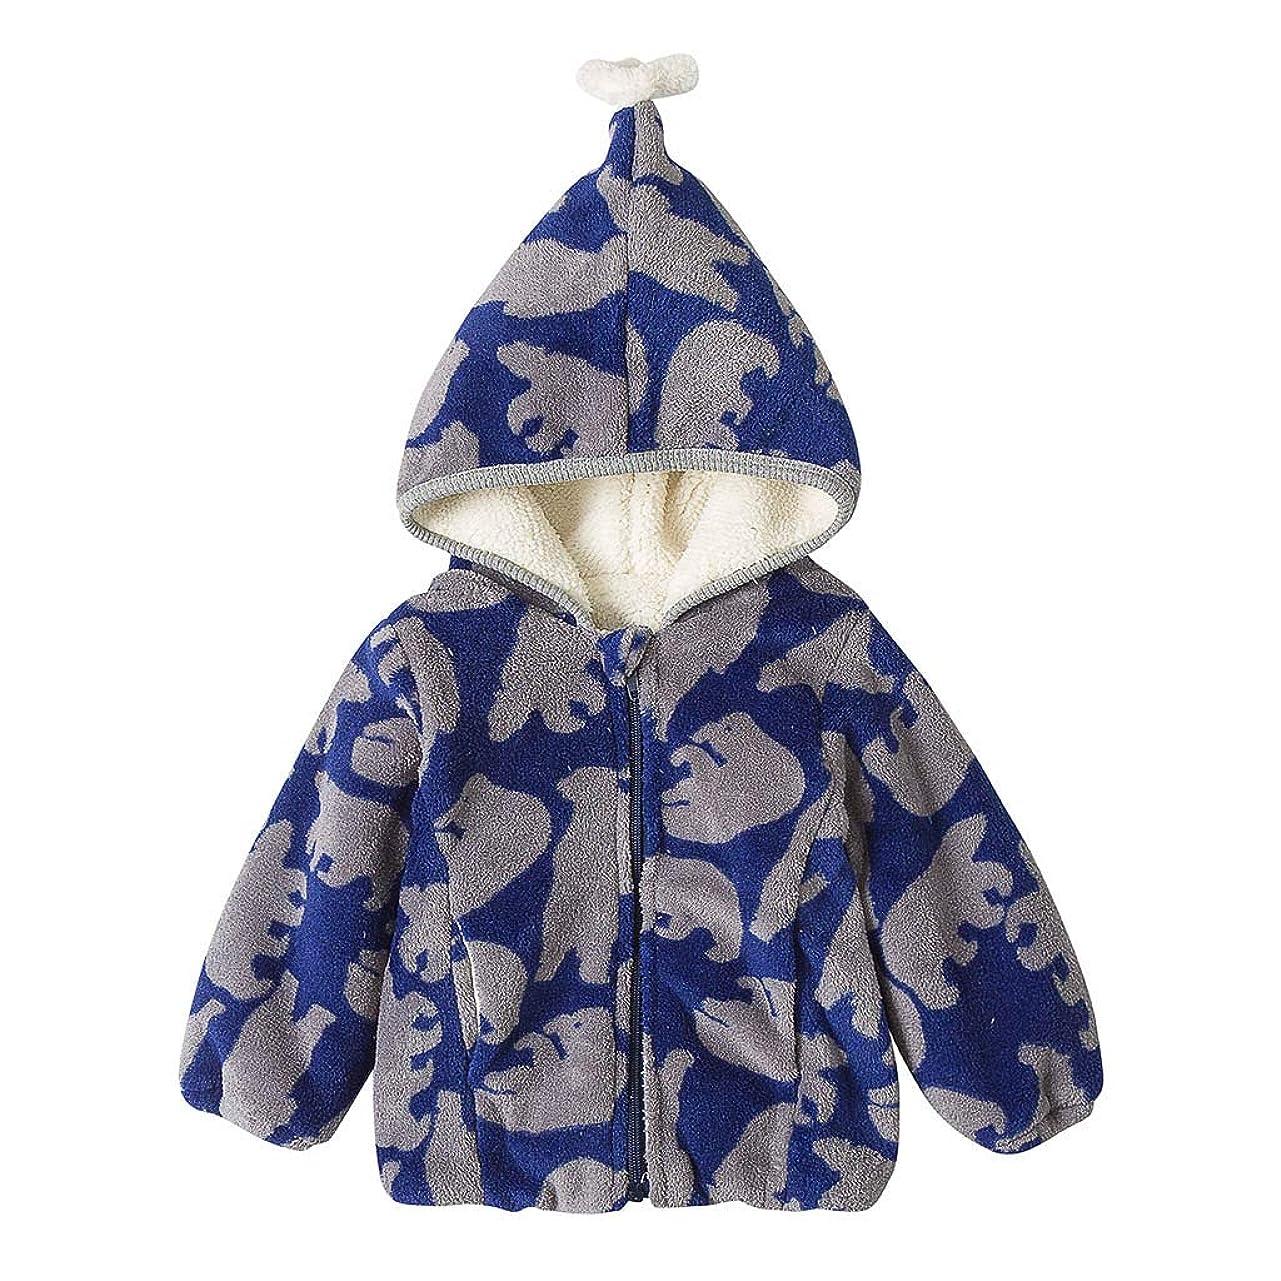 ゴールデン反発する通りかわいい柄あたたかい男の子女の子赤ちゃん冬コートジャケット子供ジップ厚いスノースーツパーカーオーバーコート屋外かわいいルースソフト快適なブラウストップス